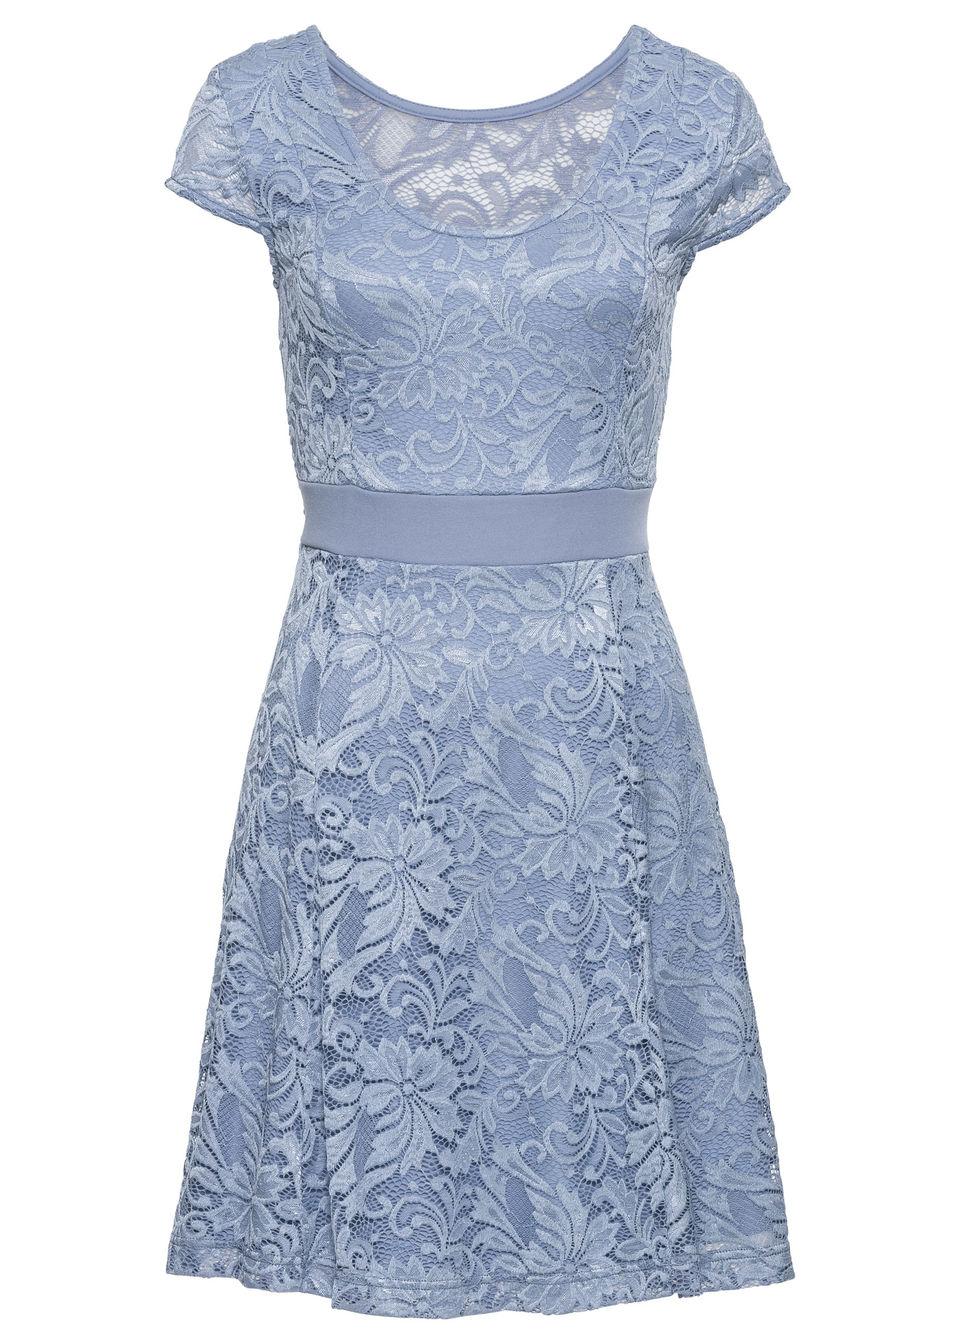 bf4181fa7dd9 Bonprix Džersejové šaty s čipkou - Glami.sk